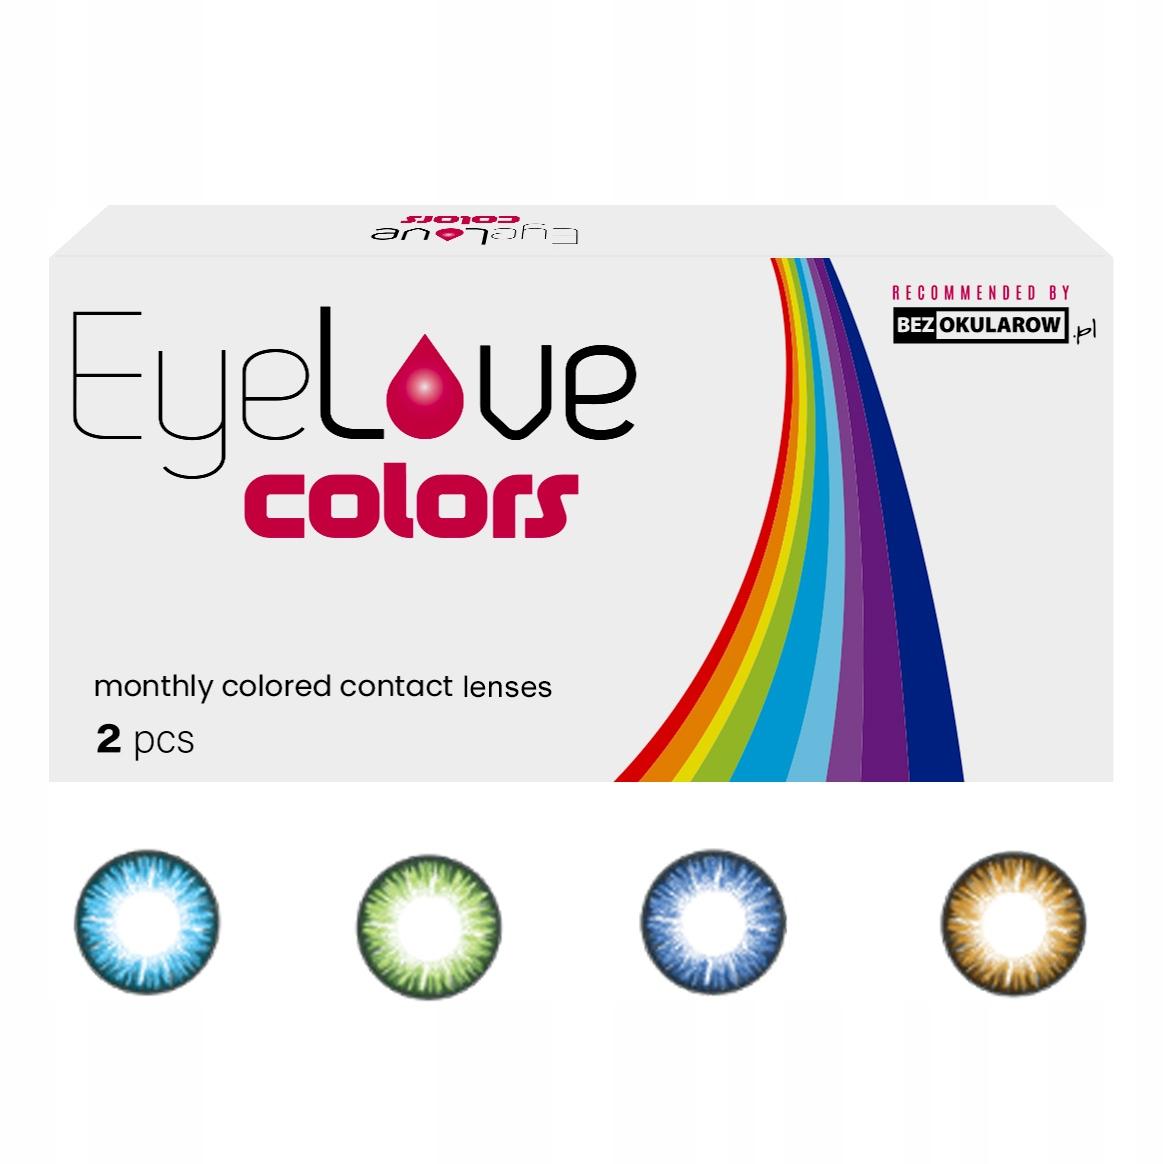 Soczewki kolorowe EyeLove Colors 2szt - korekcja